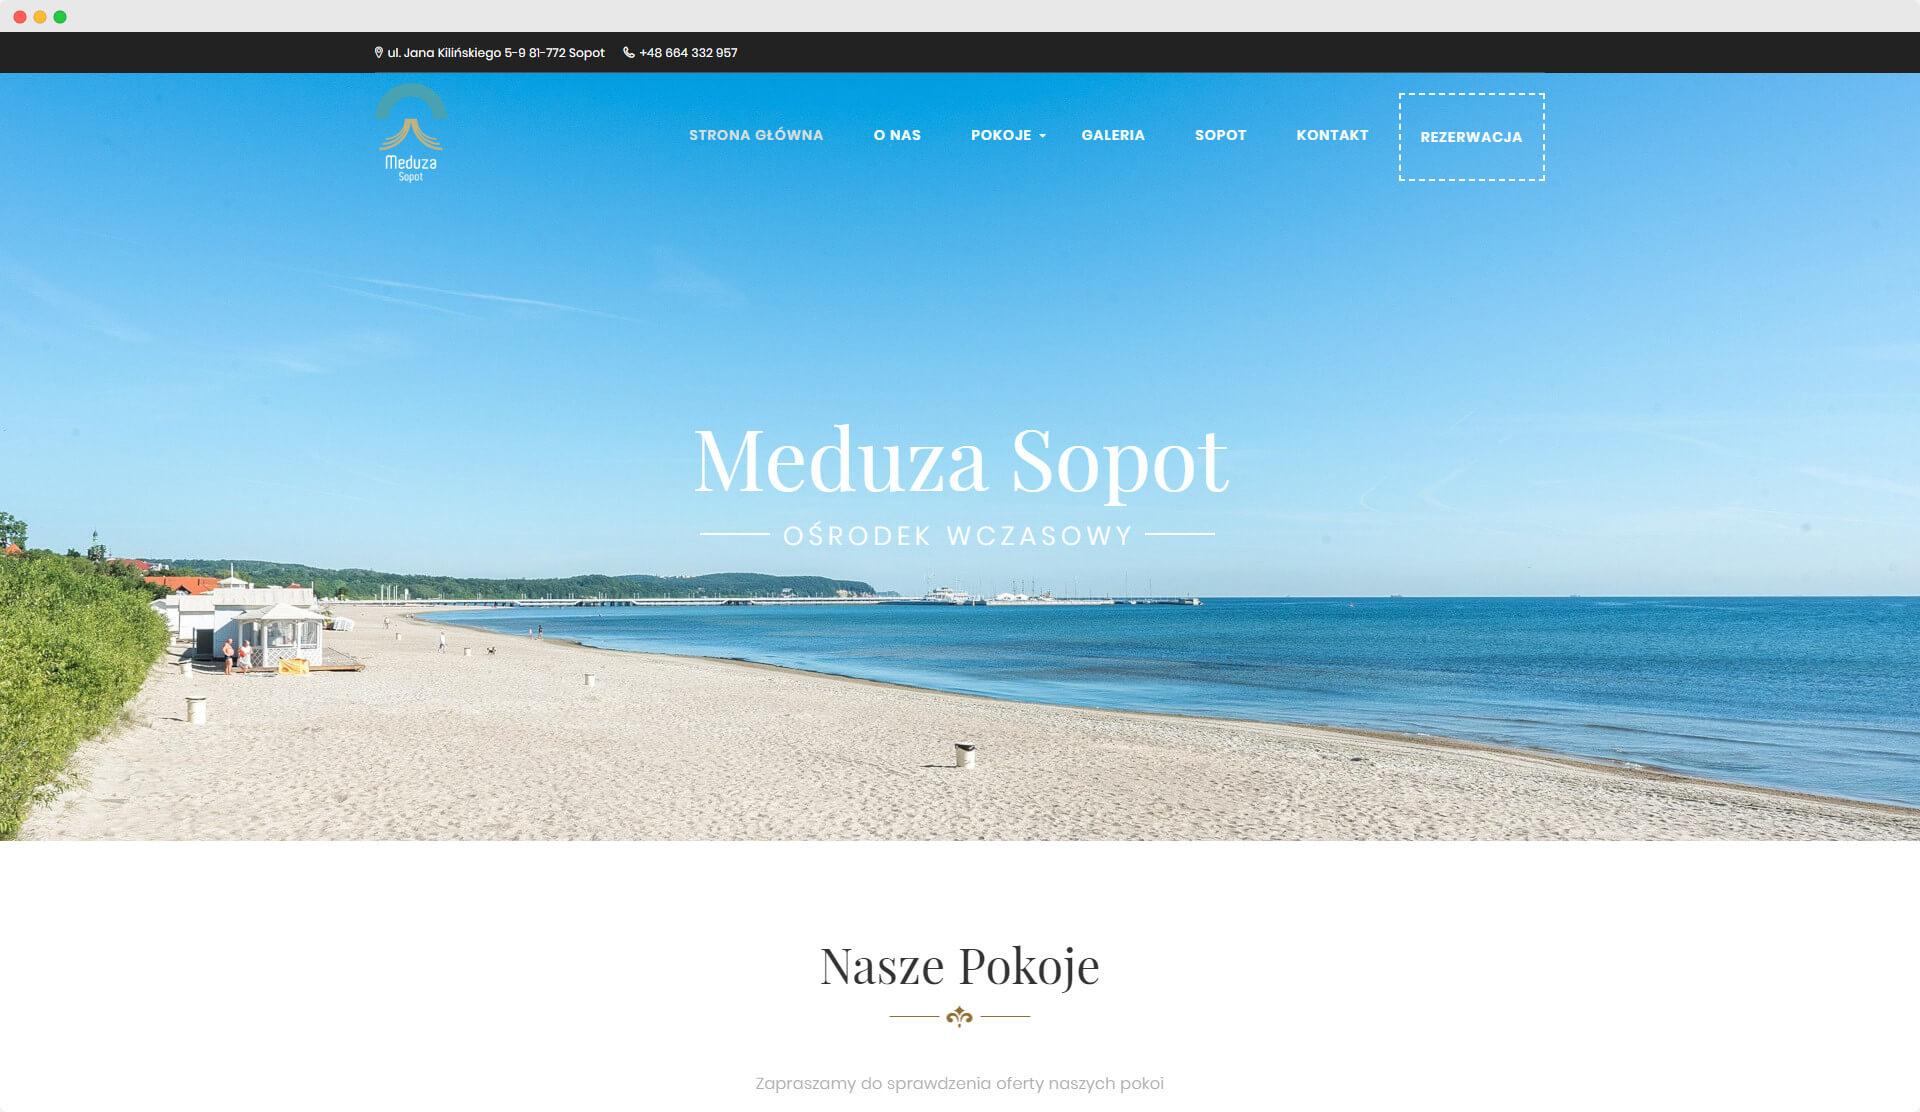 Meduza Sopot - widok na komputerze